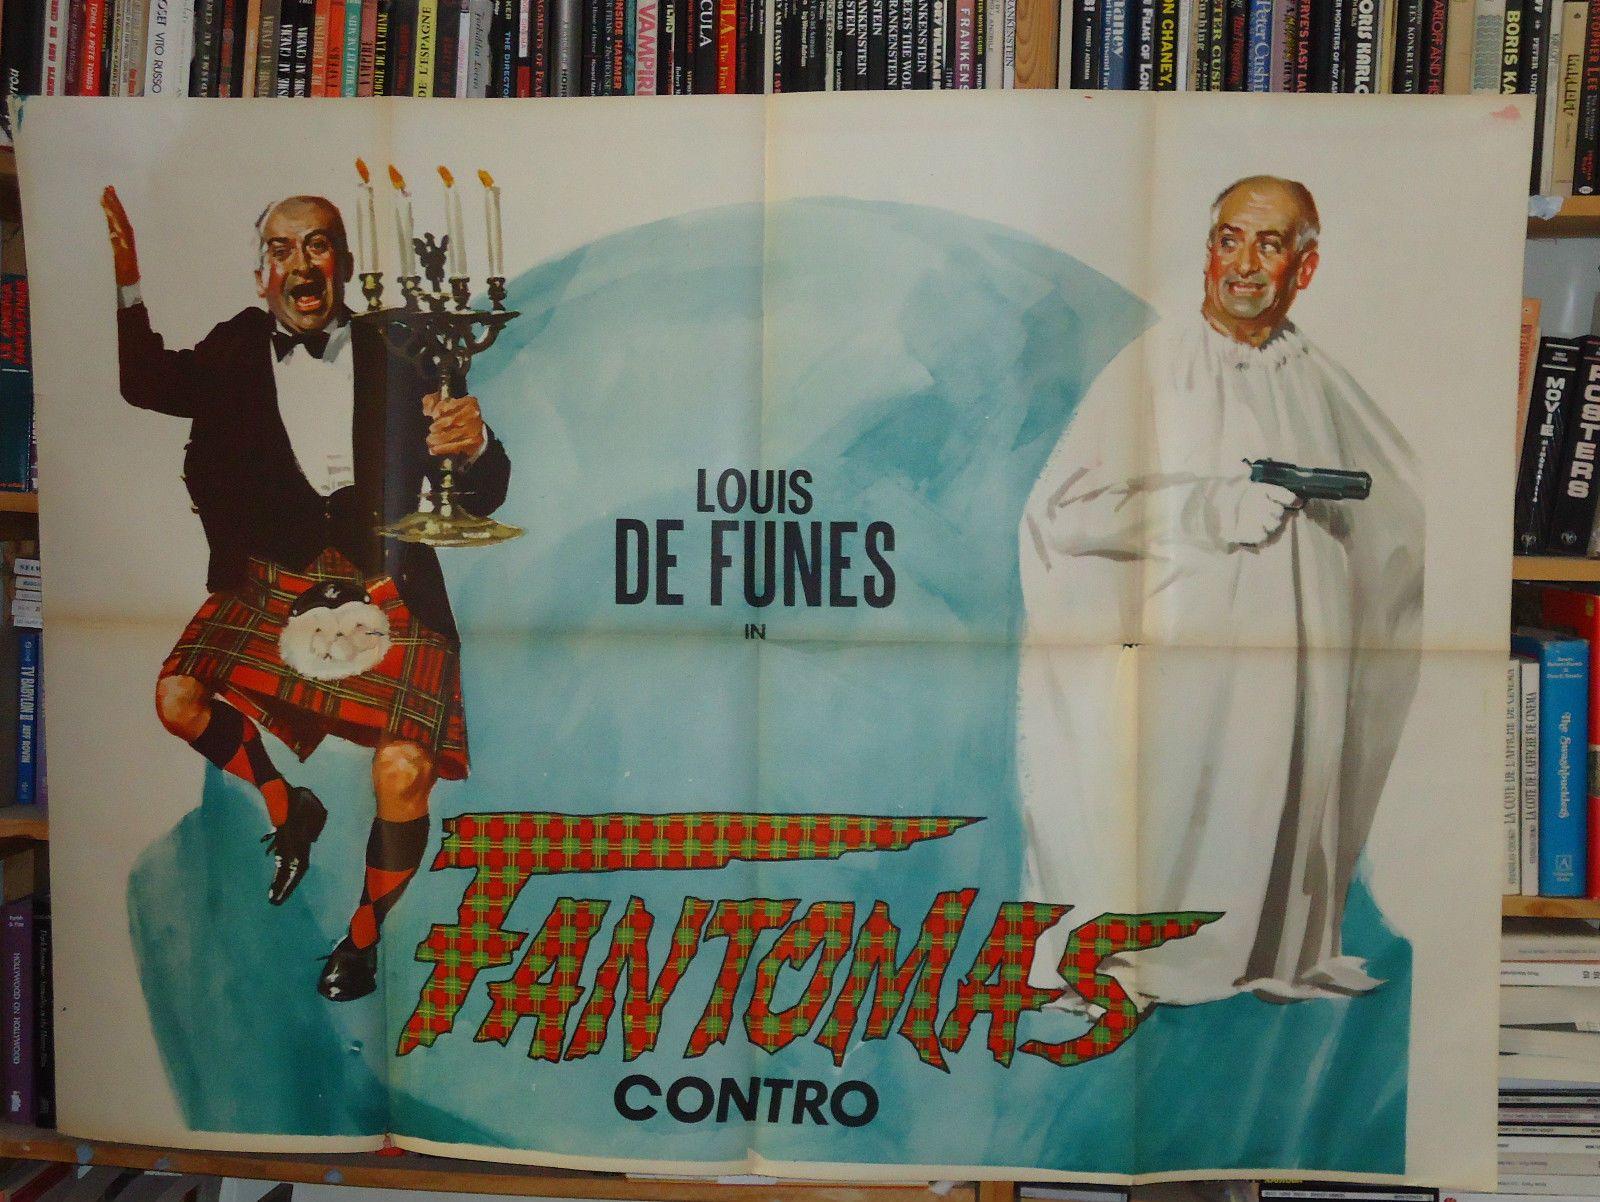 louis de funes fantomas contre scotland yard affiche ebay louis de fun s pinterest louis. Black Bedroom Furniture Sets. Home Design Ideas